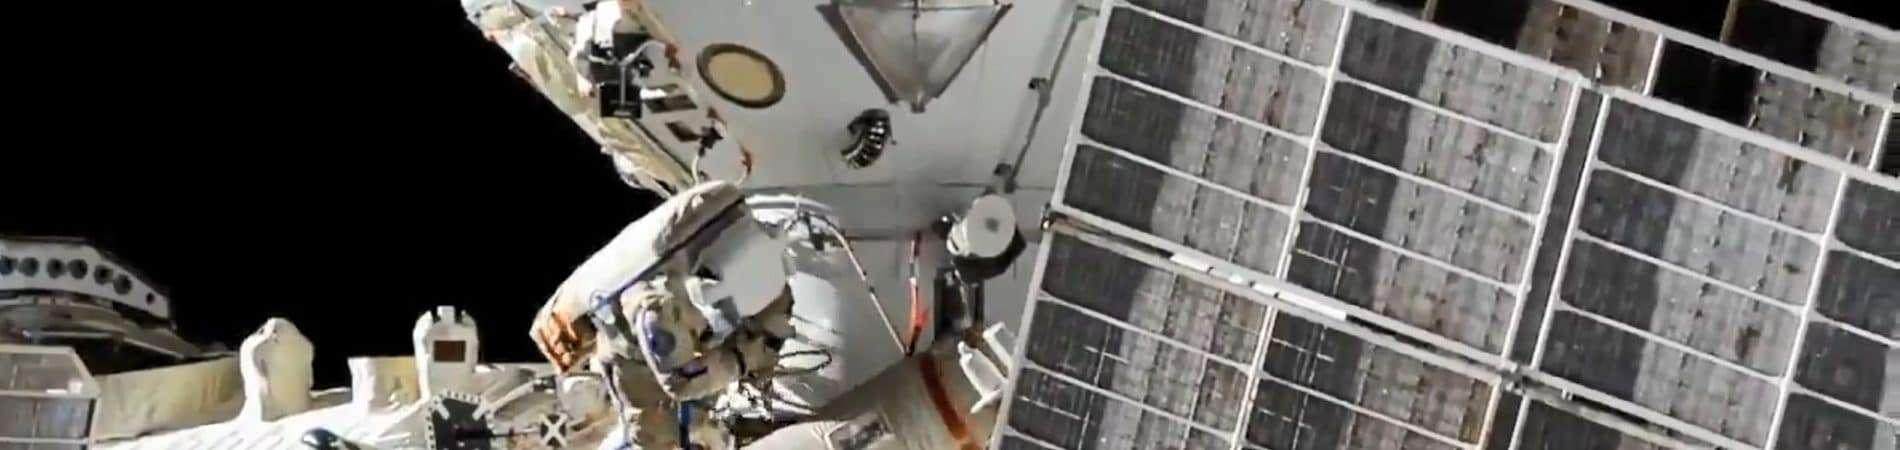 Cosmonautas russos começaram ontem (3/9) a conectar o módulo Nauka à ISS